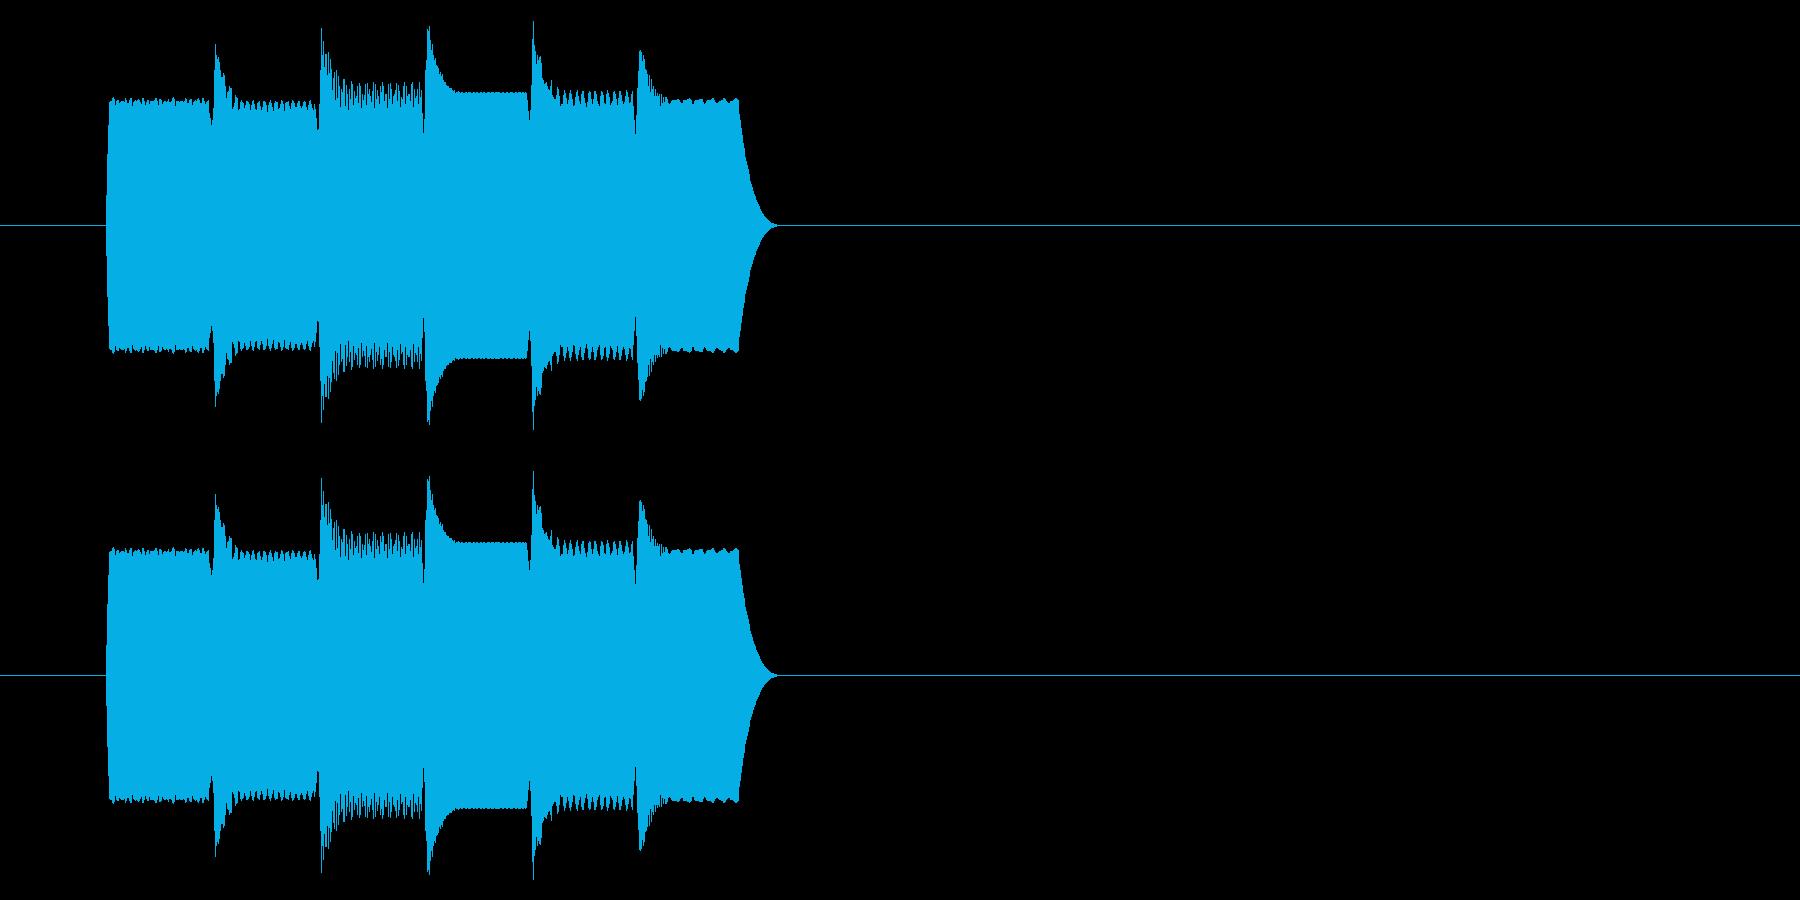 コンピューター/解析完了_01の再生済みの波形